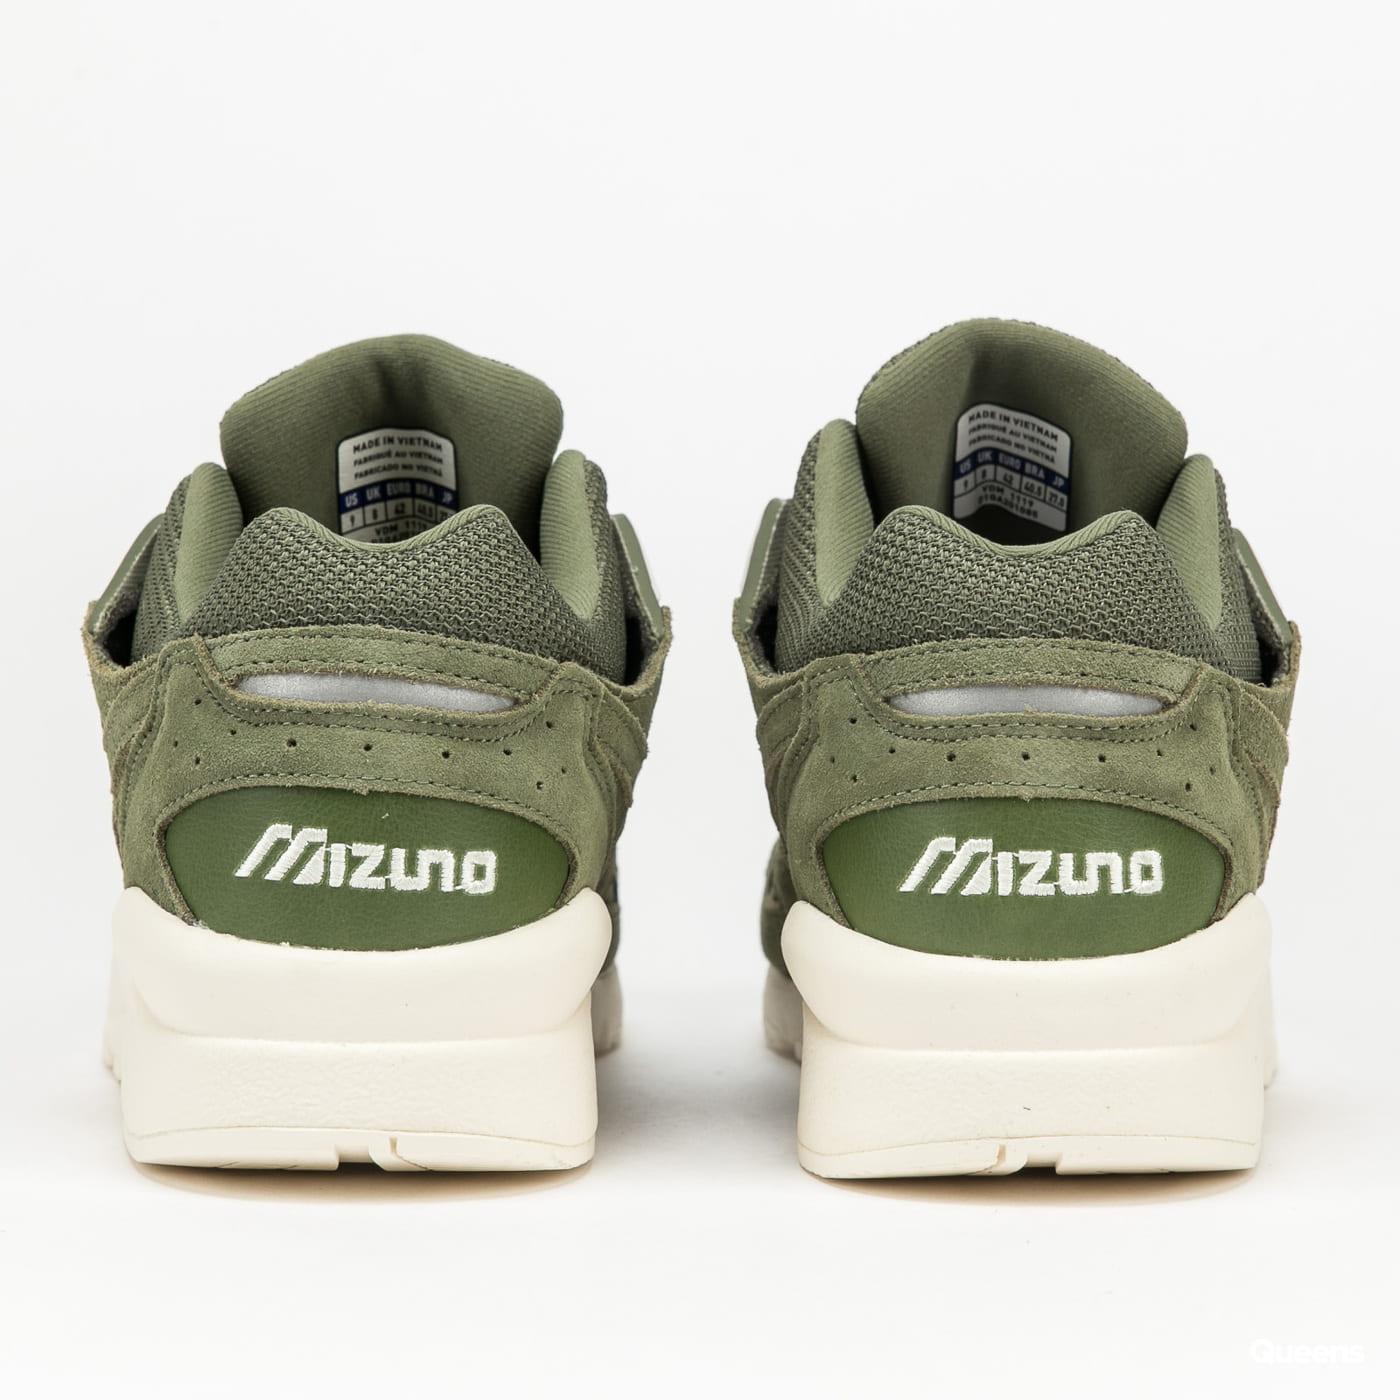 Mizuno Sky Medal S olivine / olivine